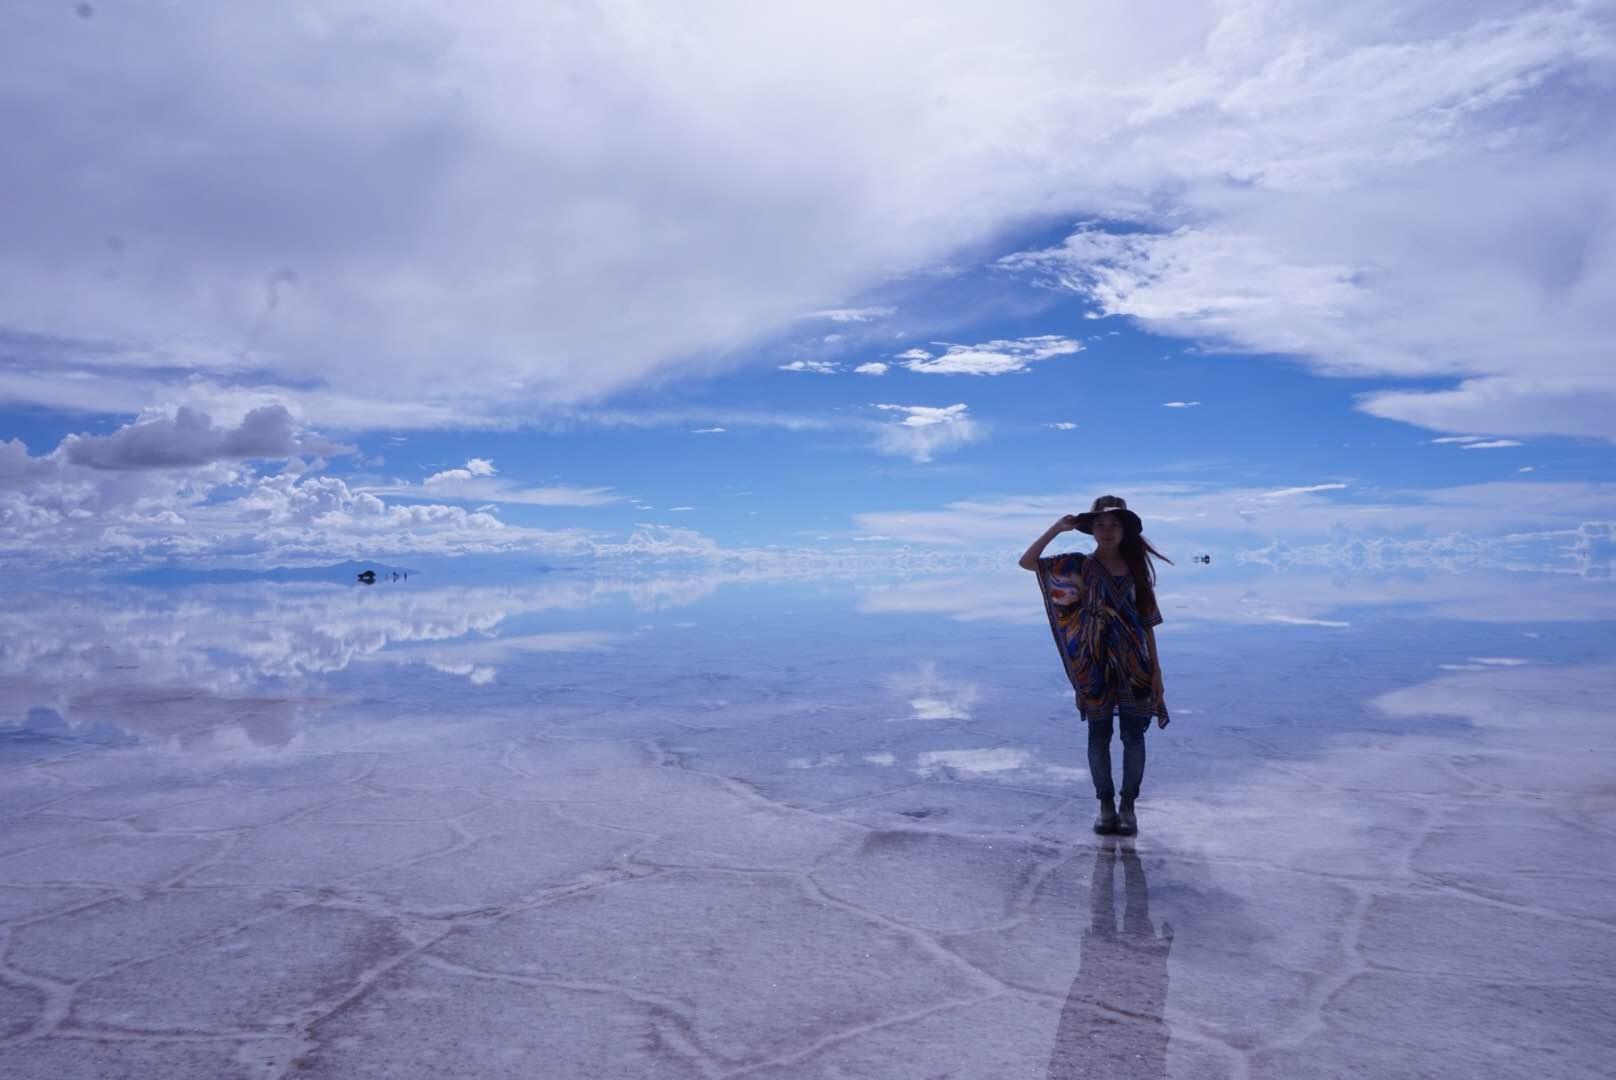 【世界一周】ウユニ塩湖だけじゃない!美しい自然を持つ国ボリビア(前編)